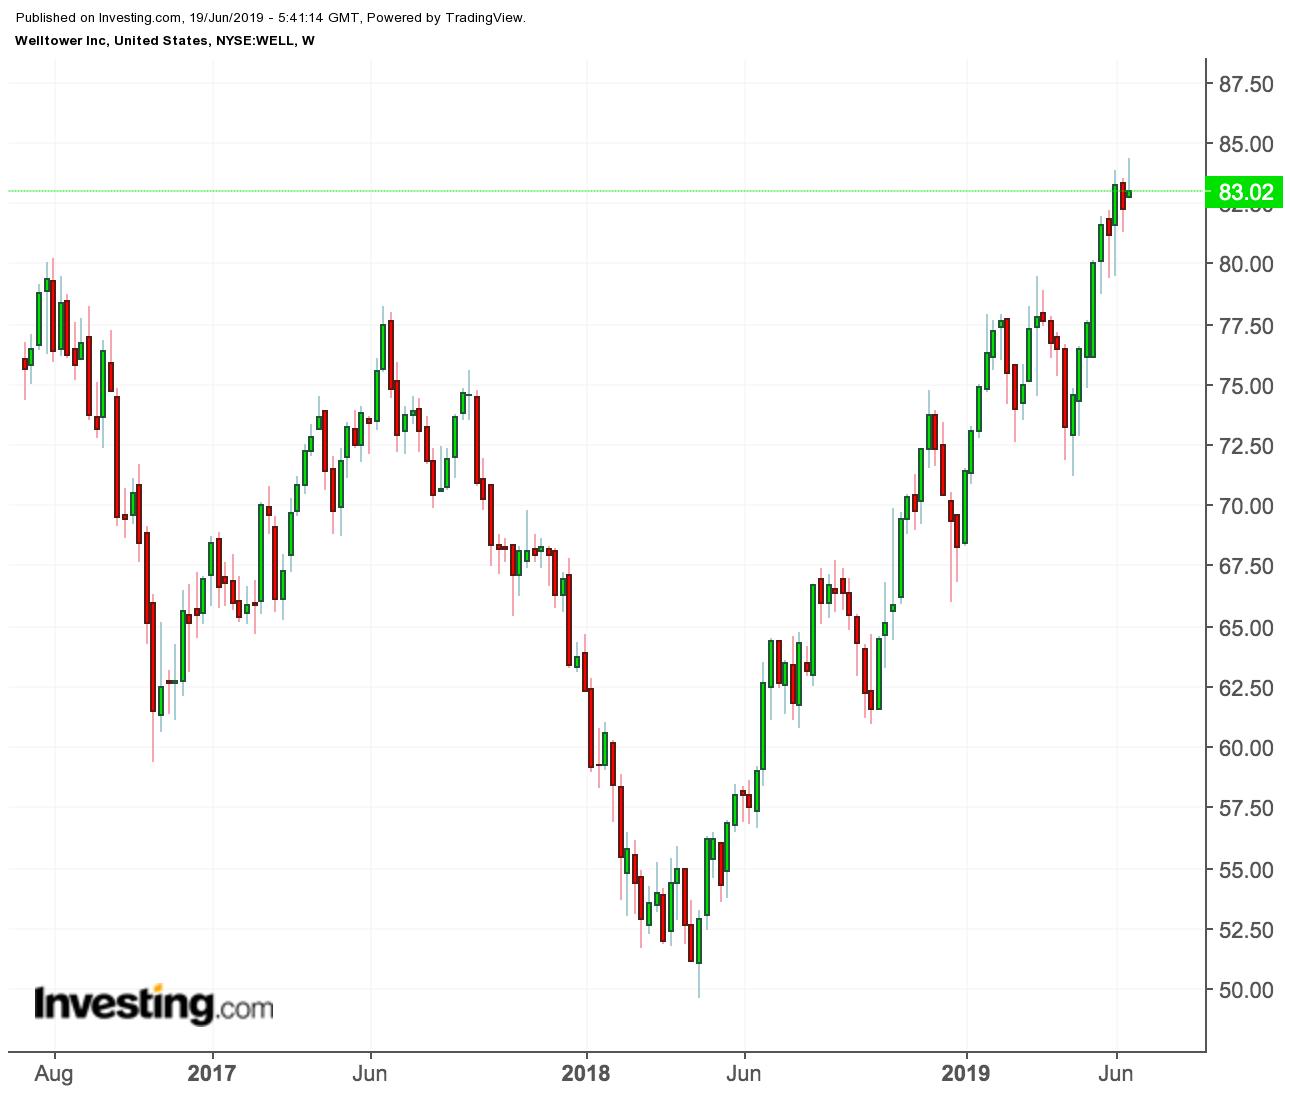 Welltower price chart